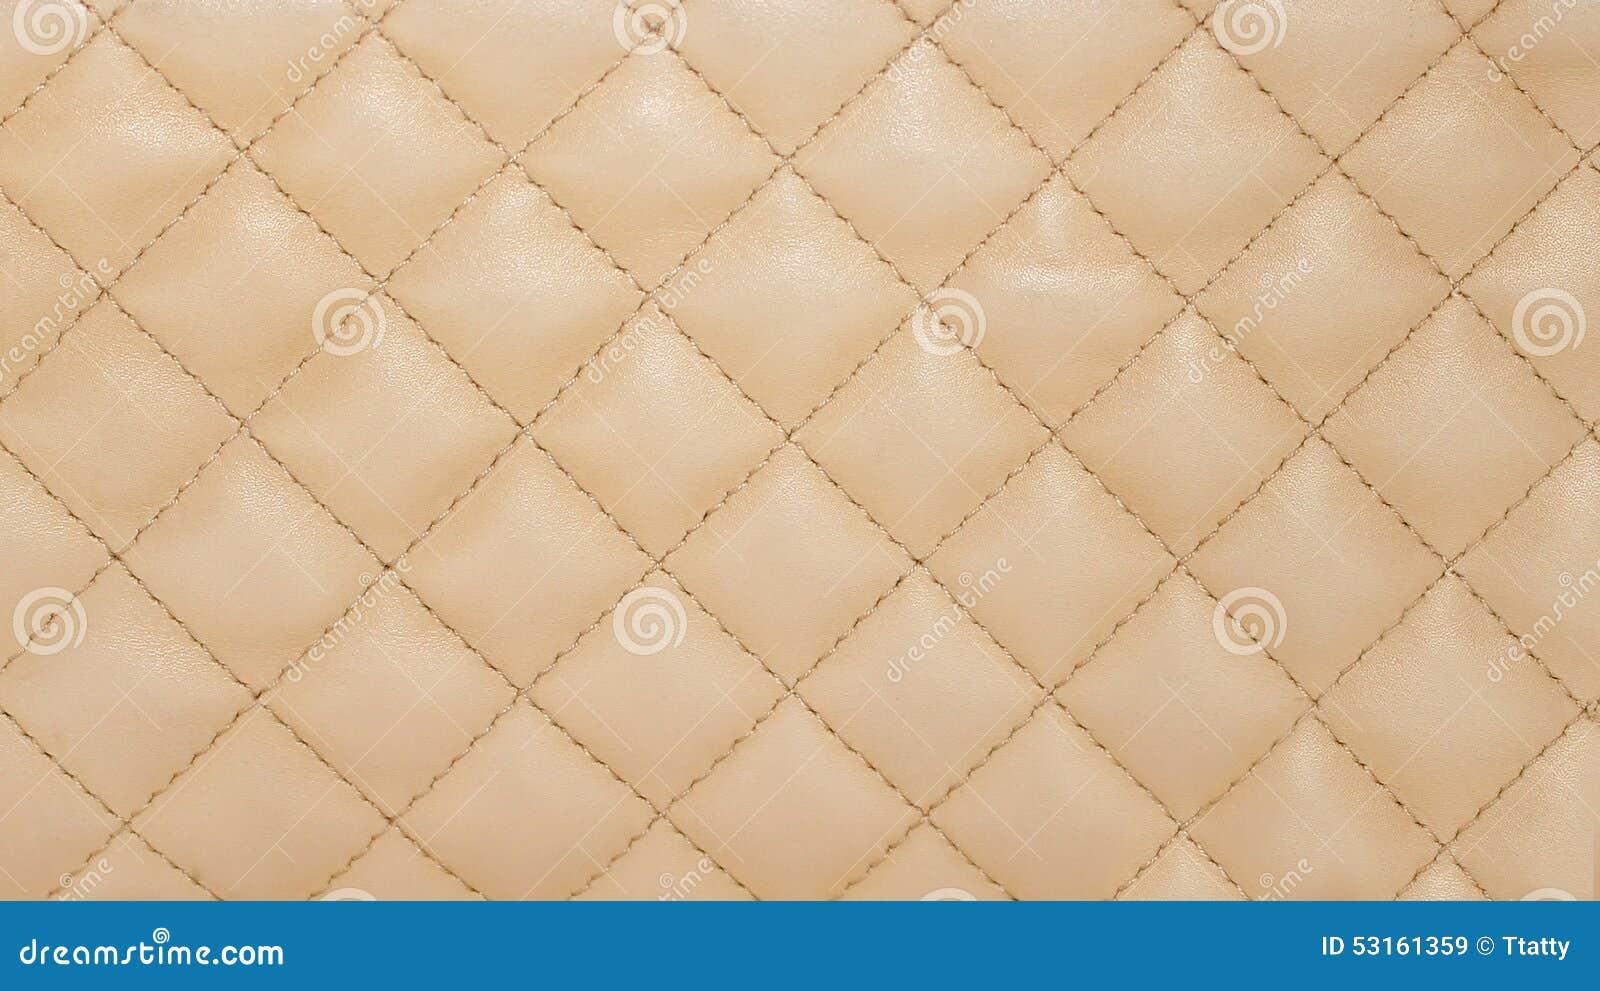 tapisserie d 39 ameublement beige image stock image du doux closeup 53161359. Black Bedroom Furniture Sets. Home Design Ideas